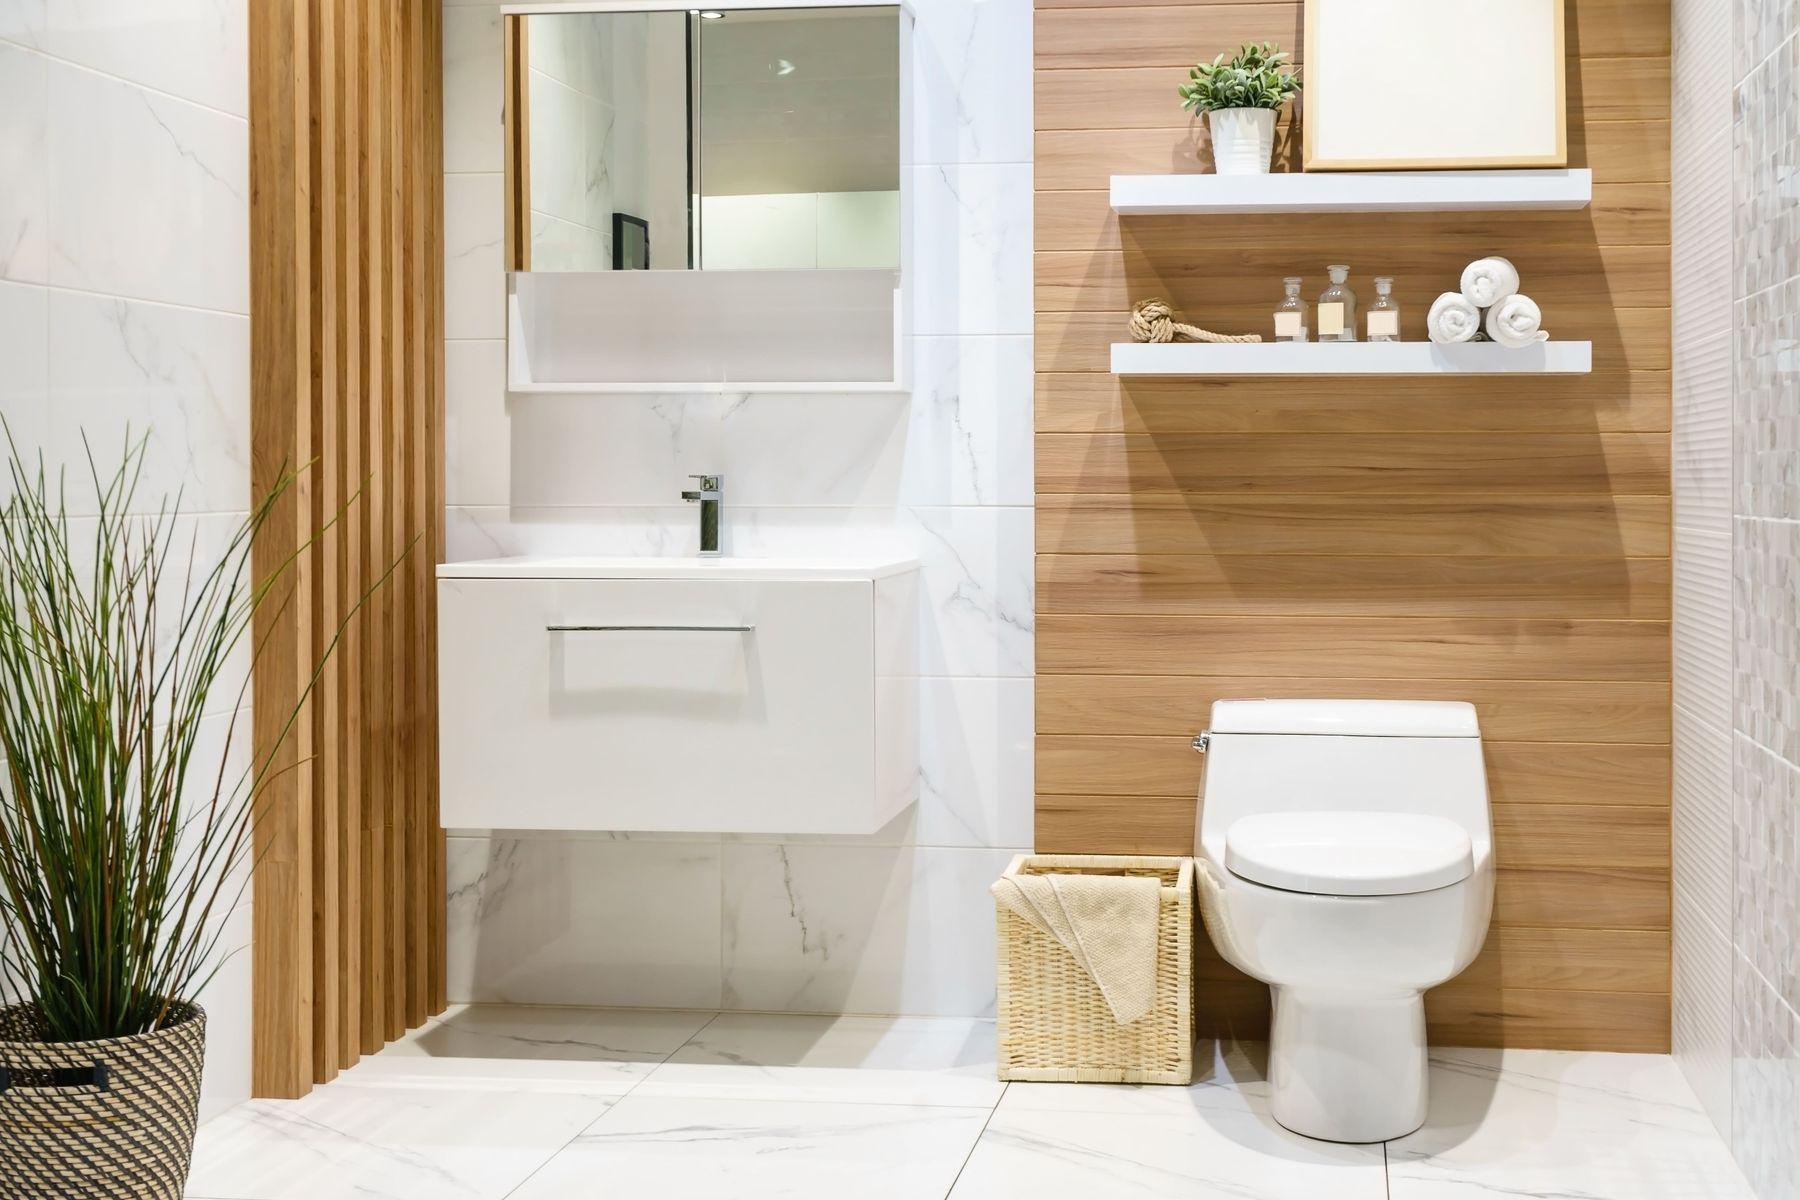 Dọn nhà vệ sinh mỗi ngày không thực sự tốt như bạn nghĩ